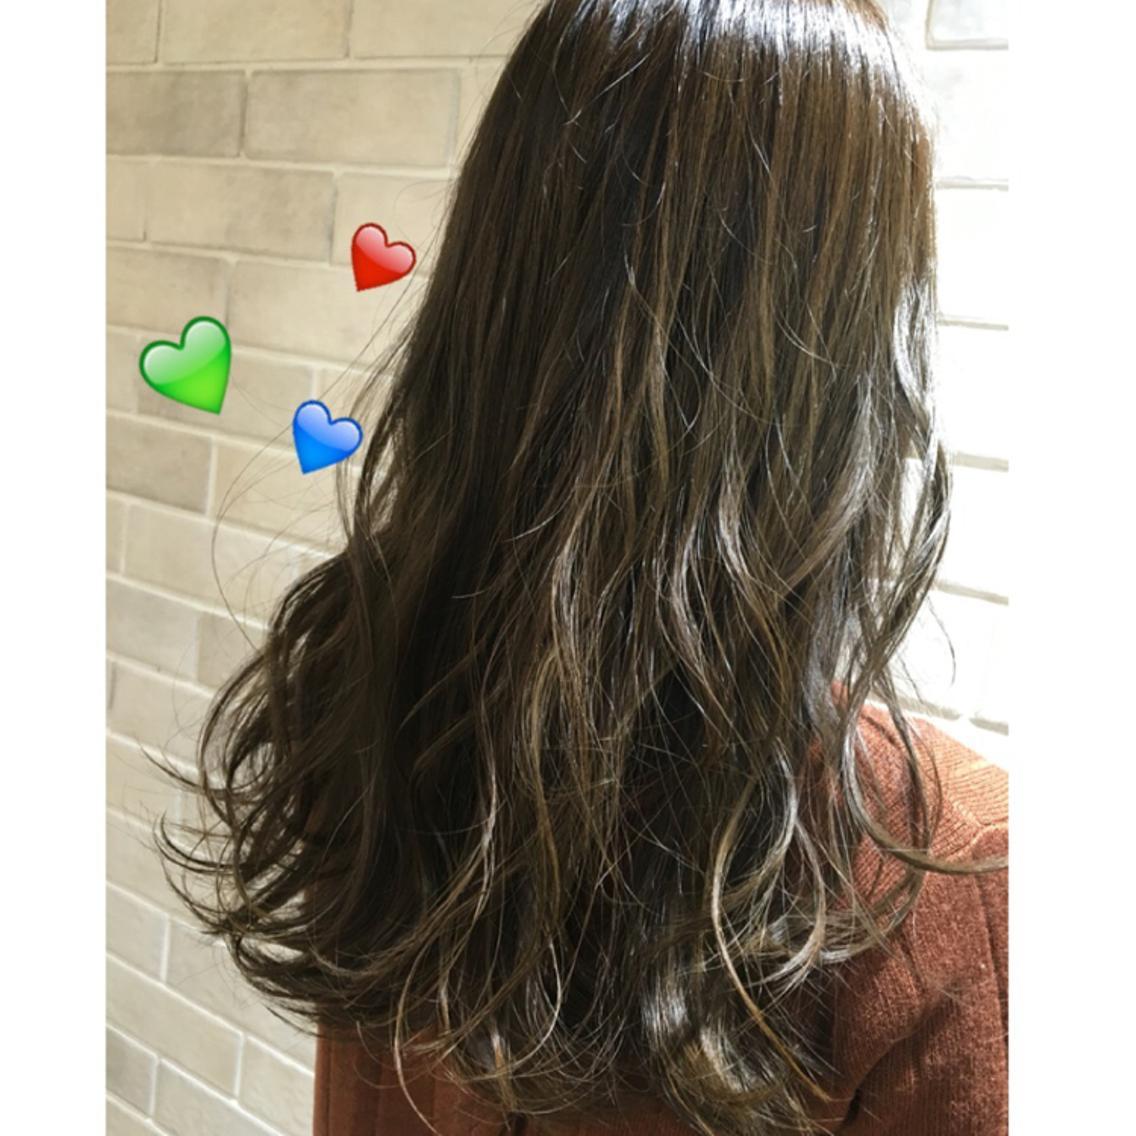 新宿駅徒歩3分❣春にぴったりな自分史上1番の髪色にしませんか❣️